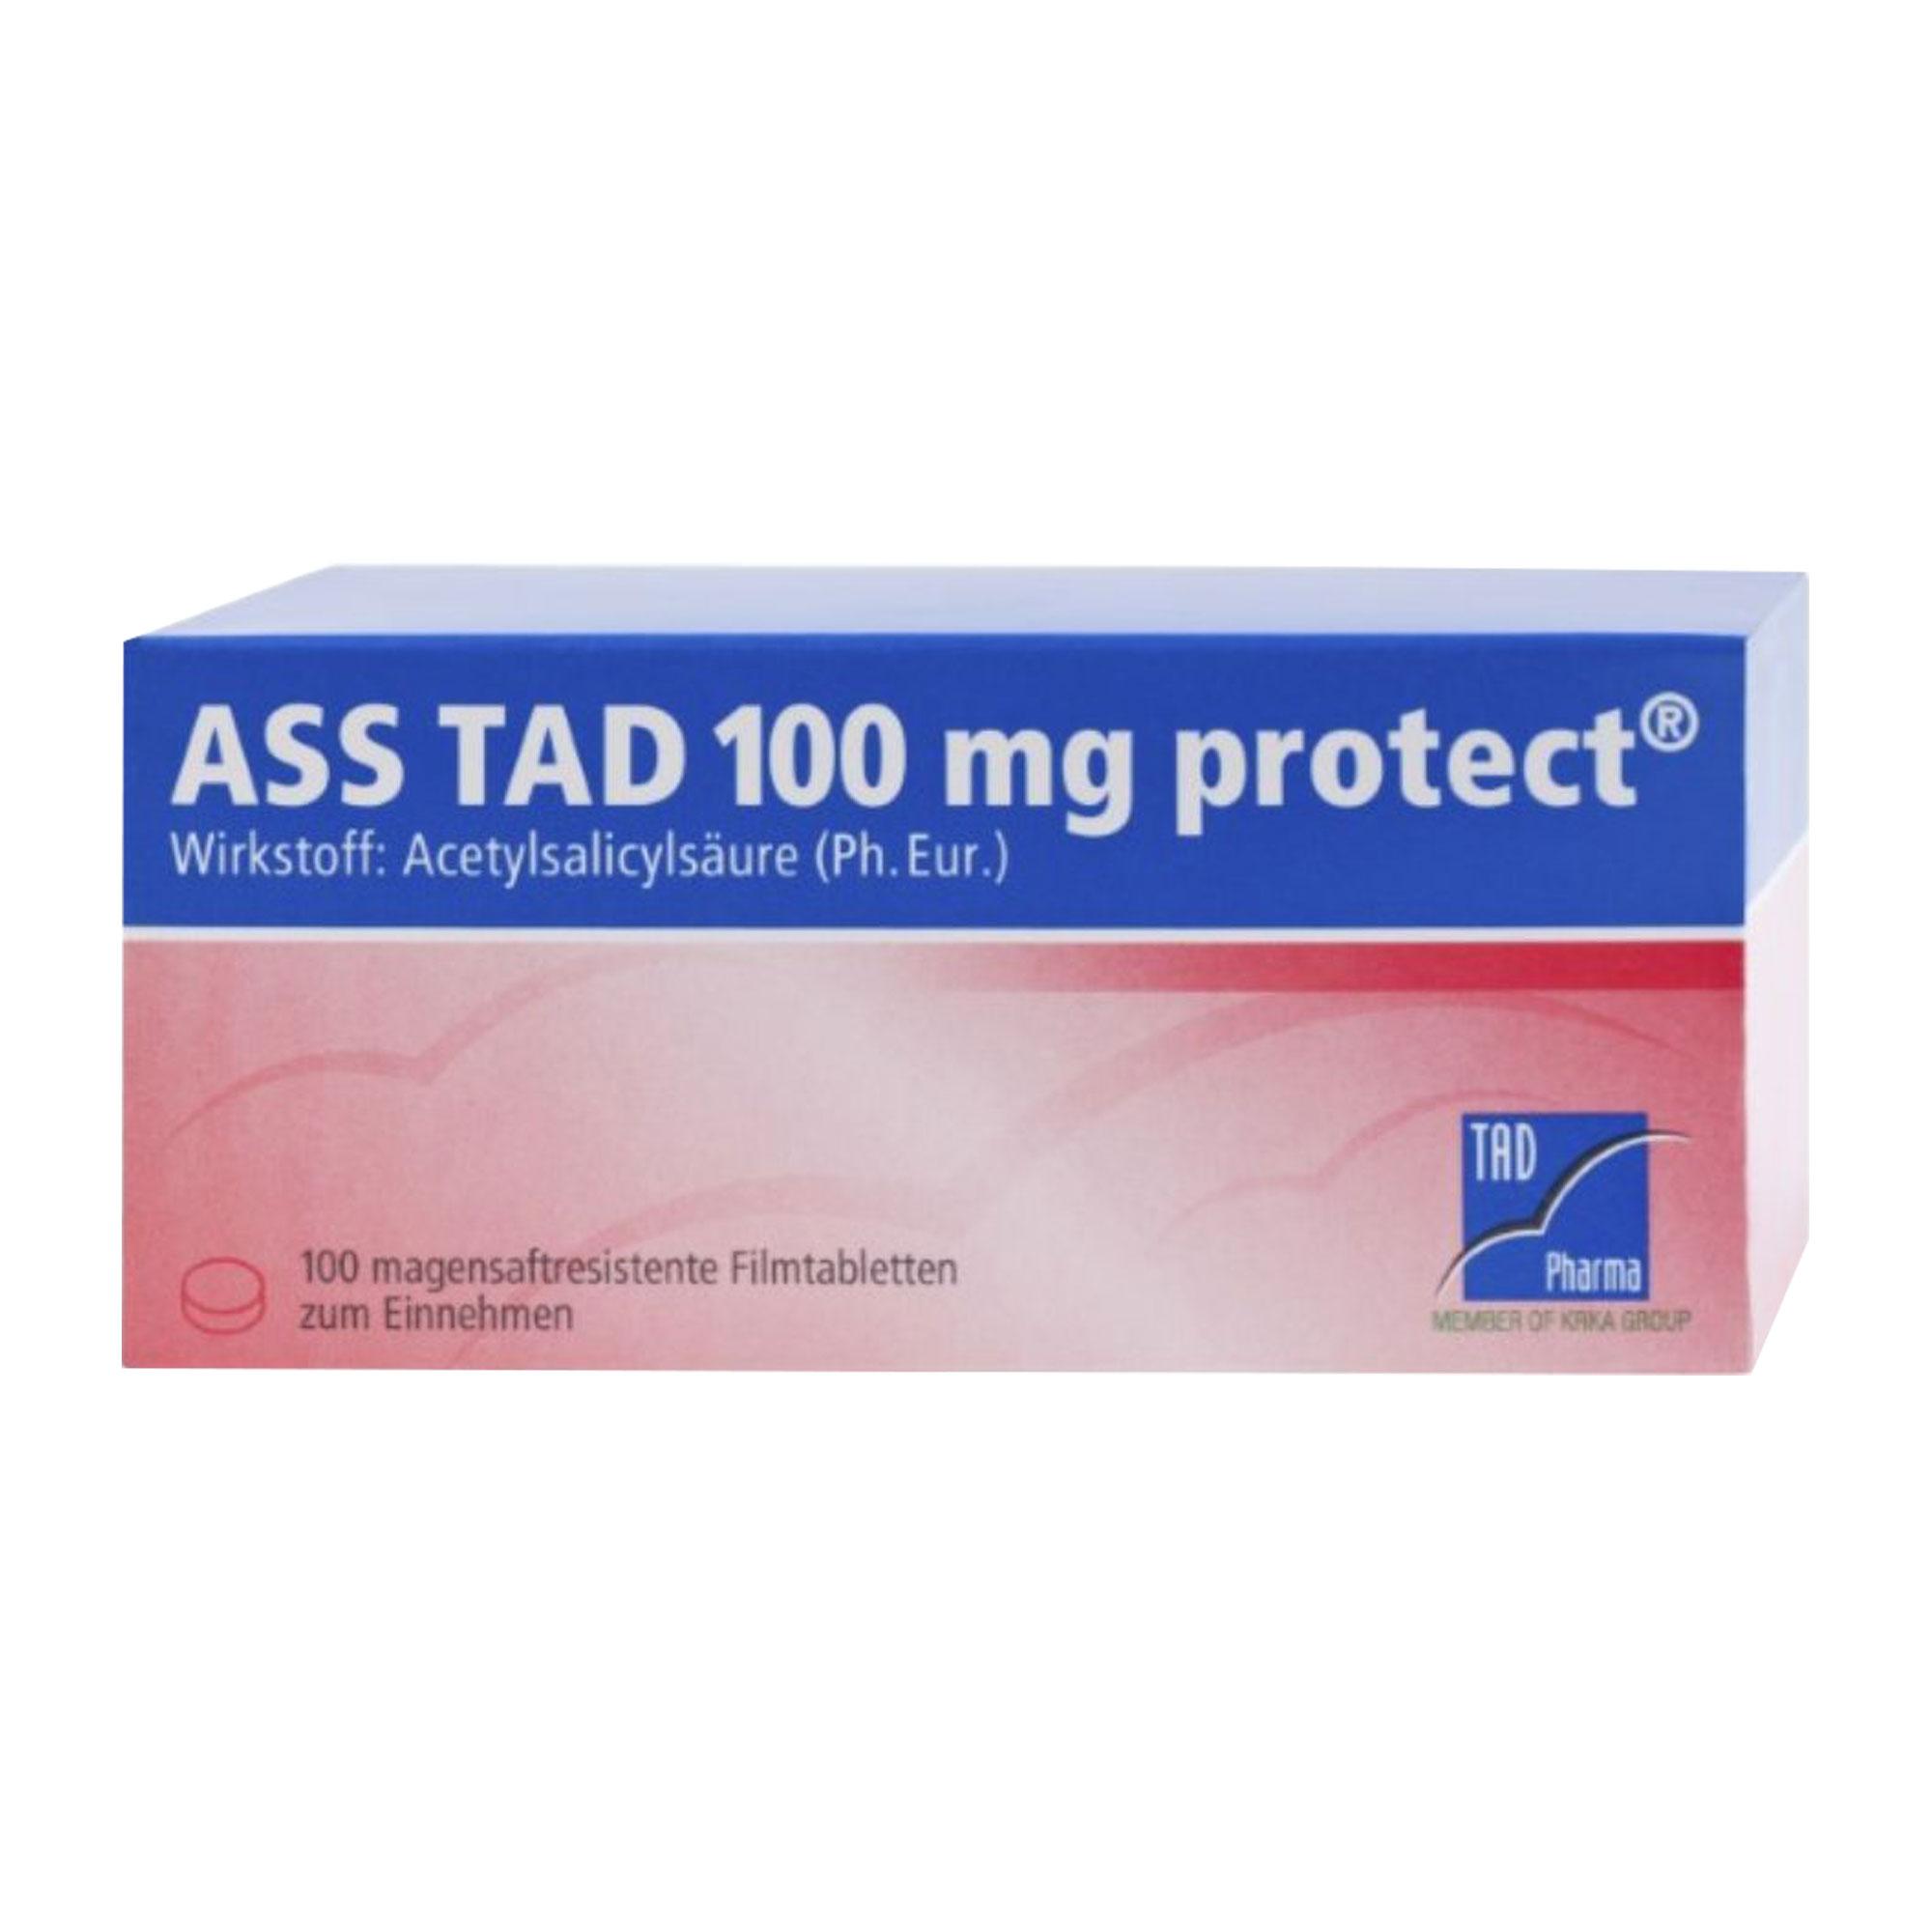 ASS TAD 100 mg protect